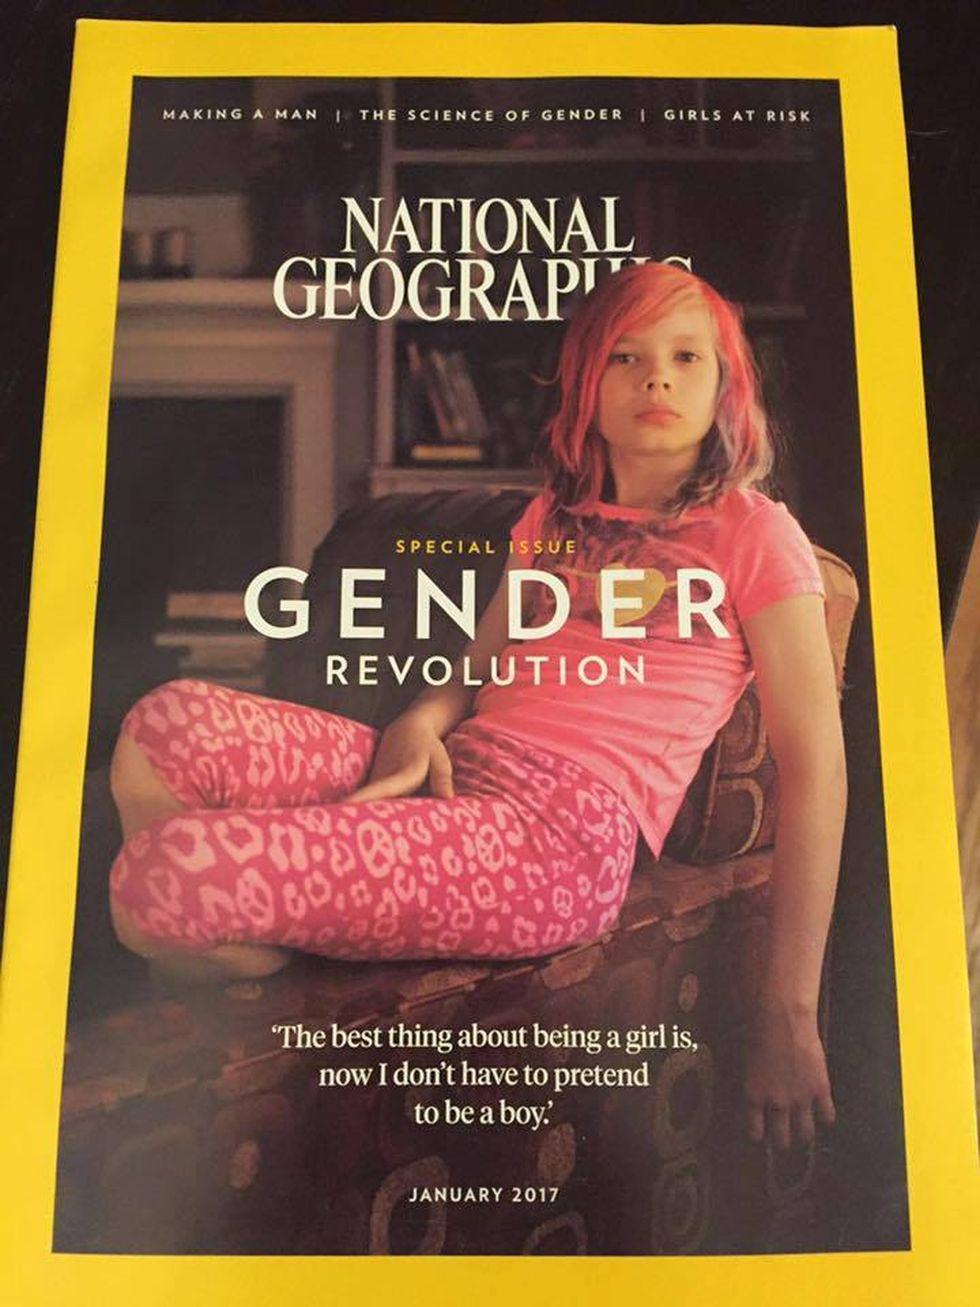 9 Yaşındaki Transseksüel Kız National Geographic Kapağında!